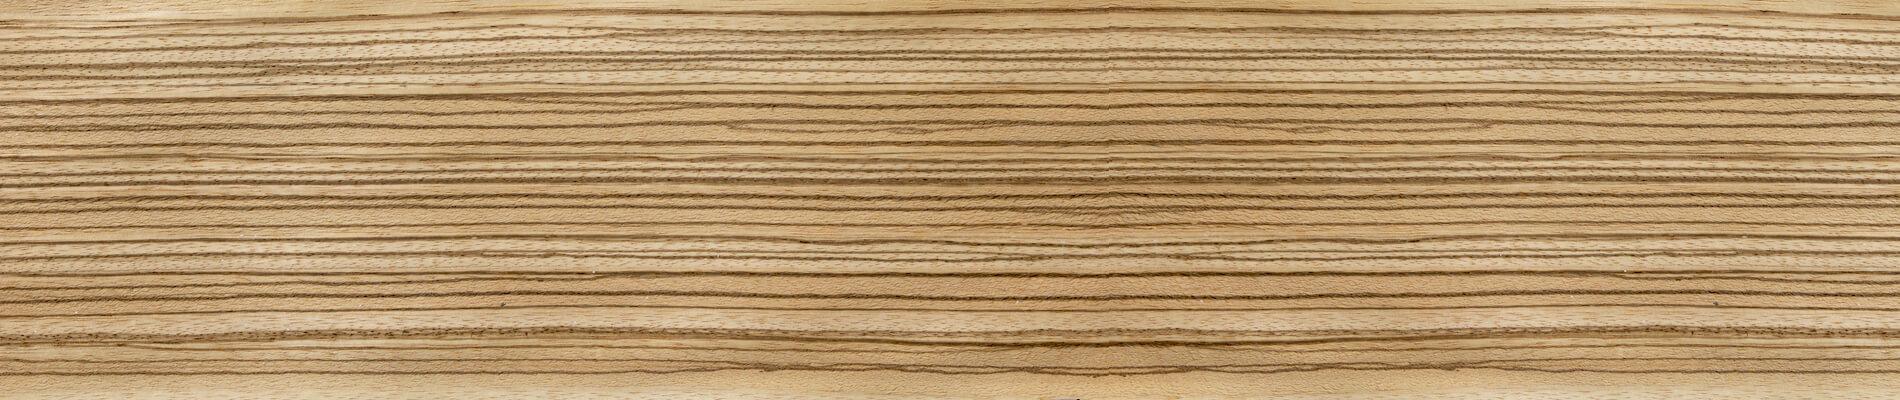 Essence de bois z brano bois exotiques essarbois for Essences de bois exotiques